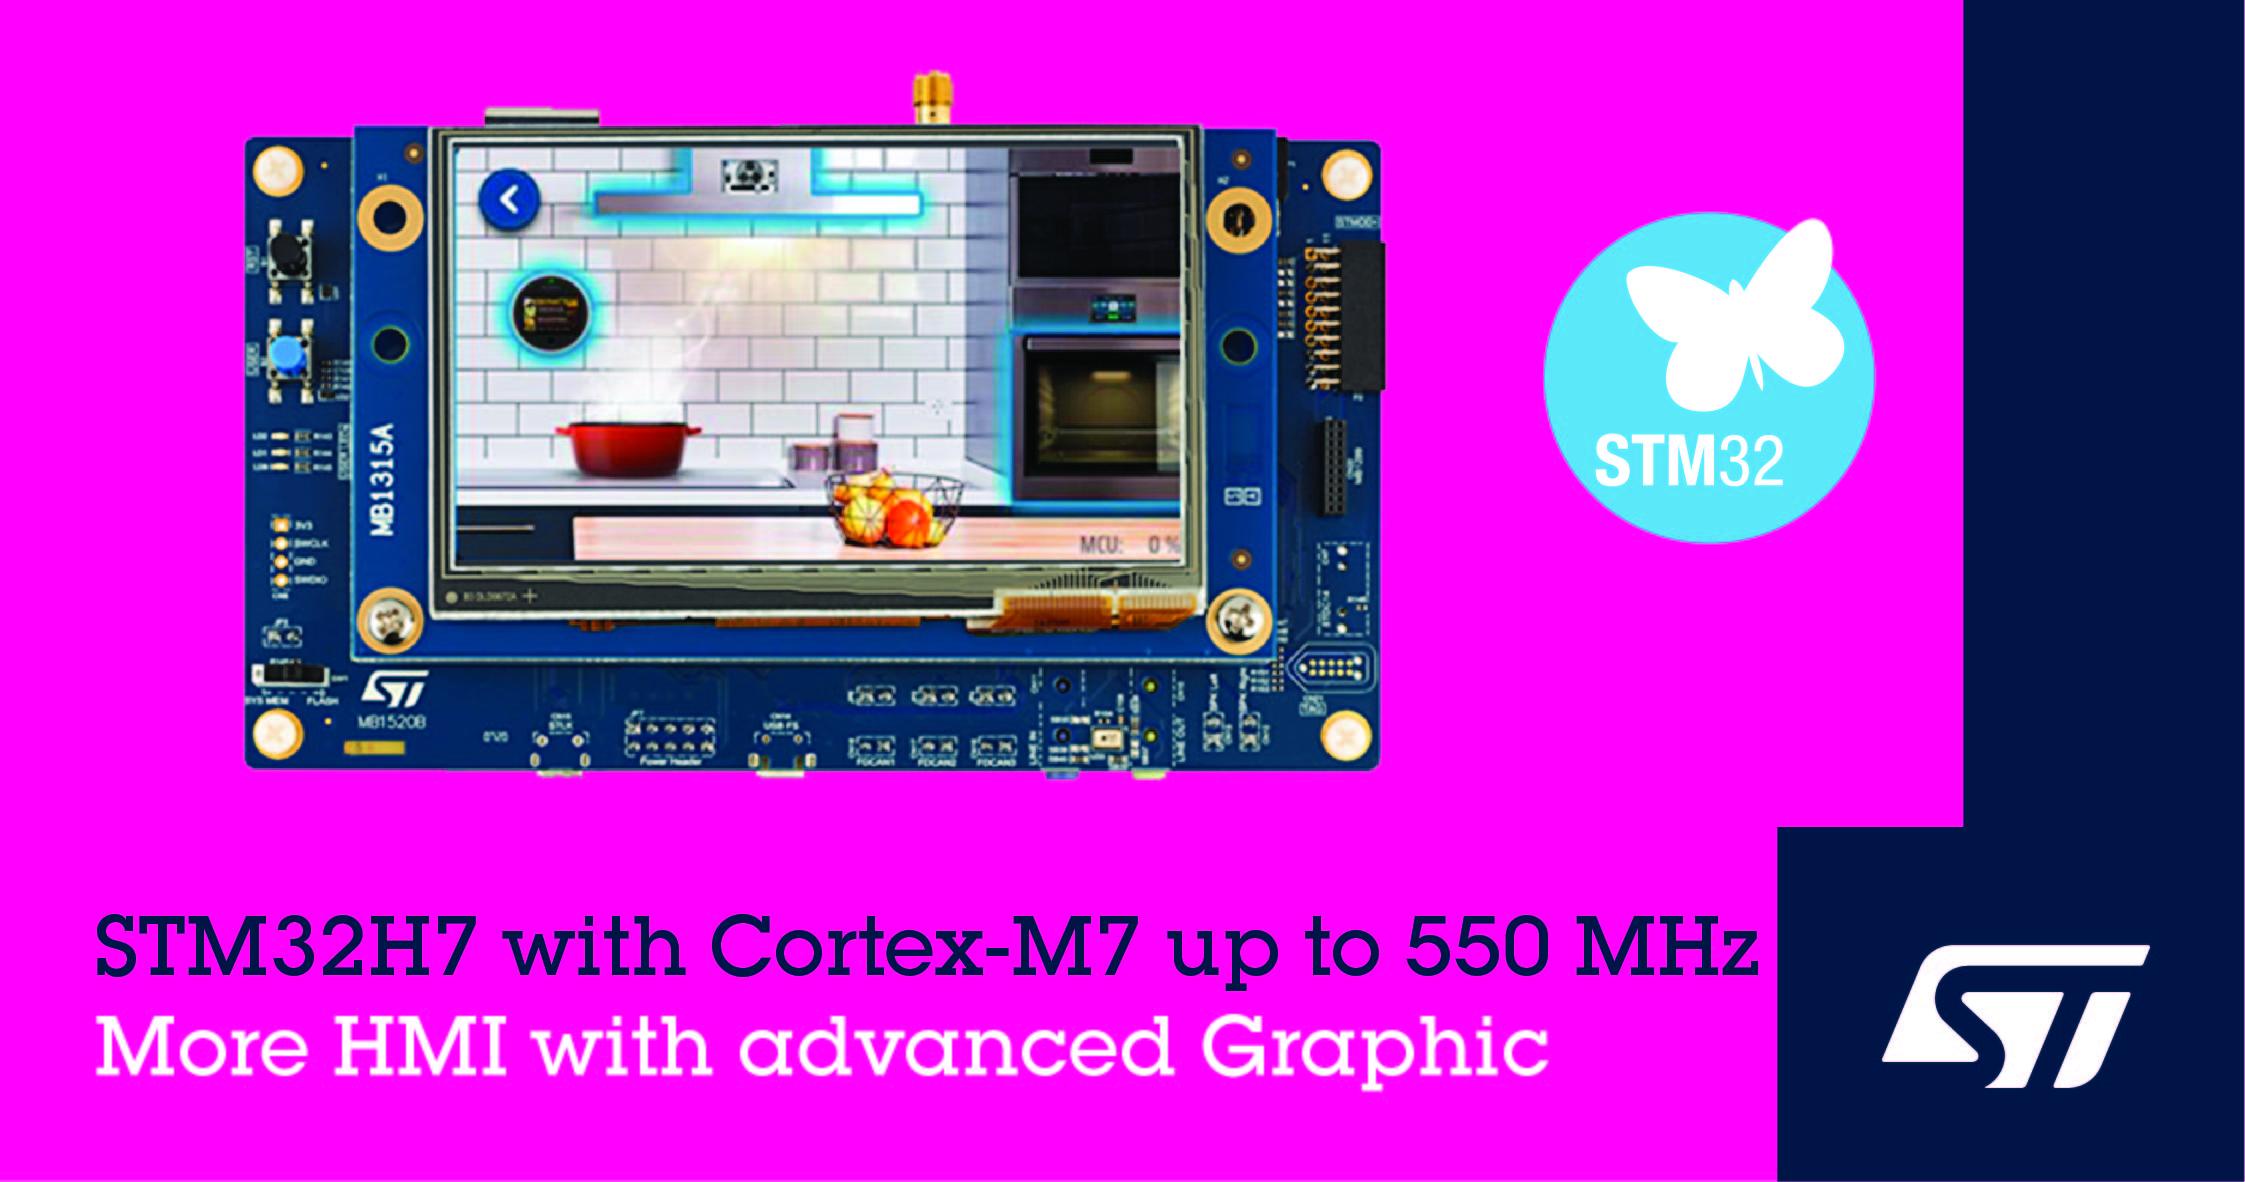 意法半导体推出新升级的更快的STM32H7微控制器提高智能互联产品的性能和经济性